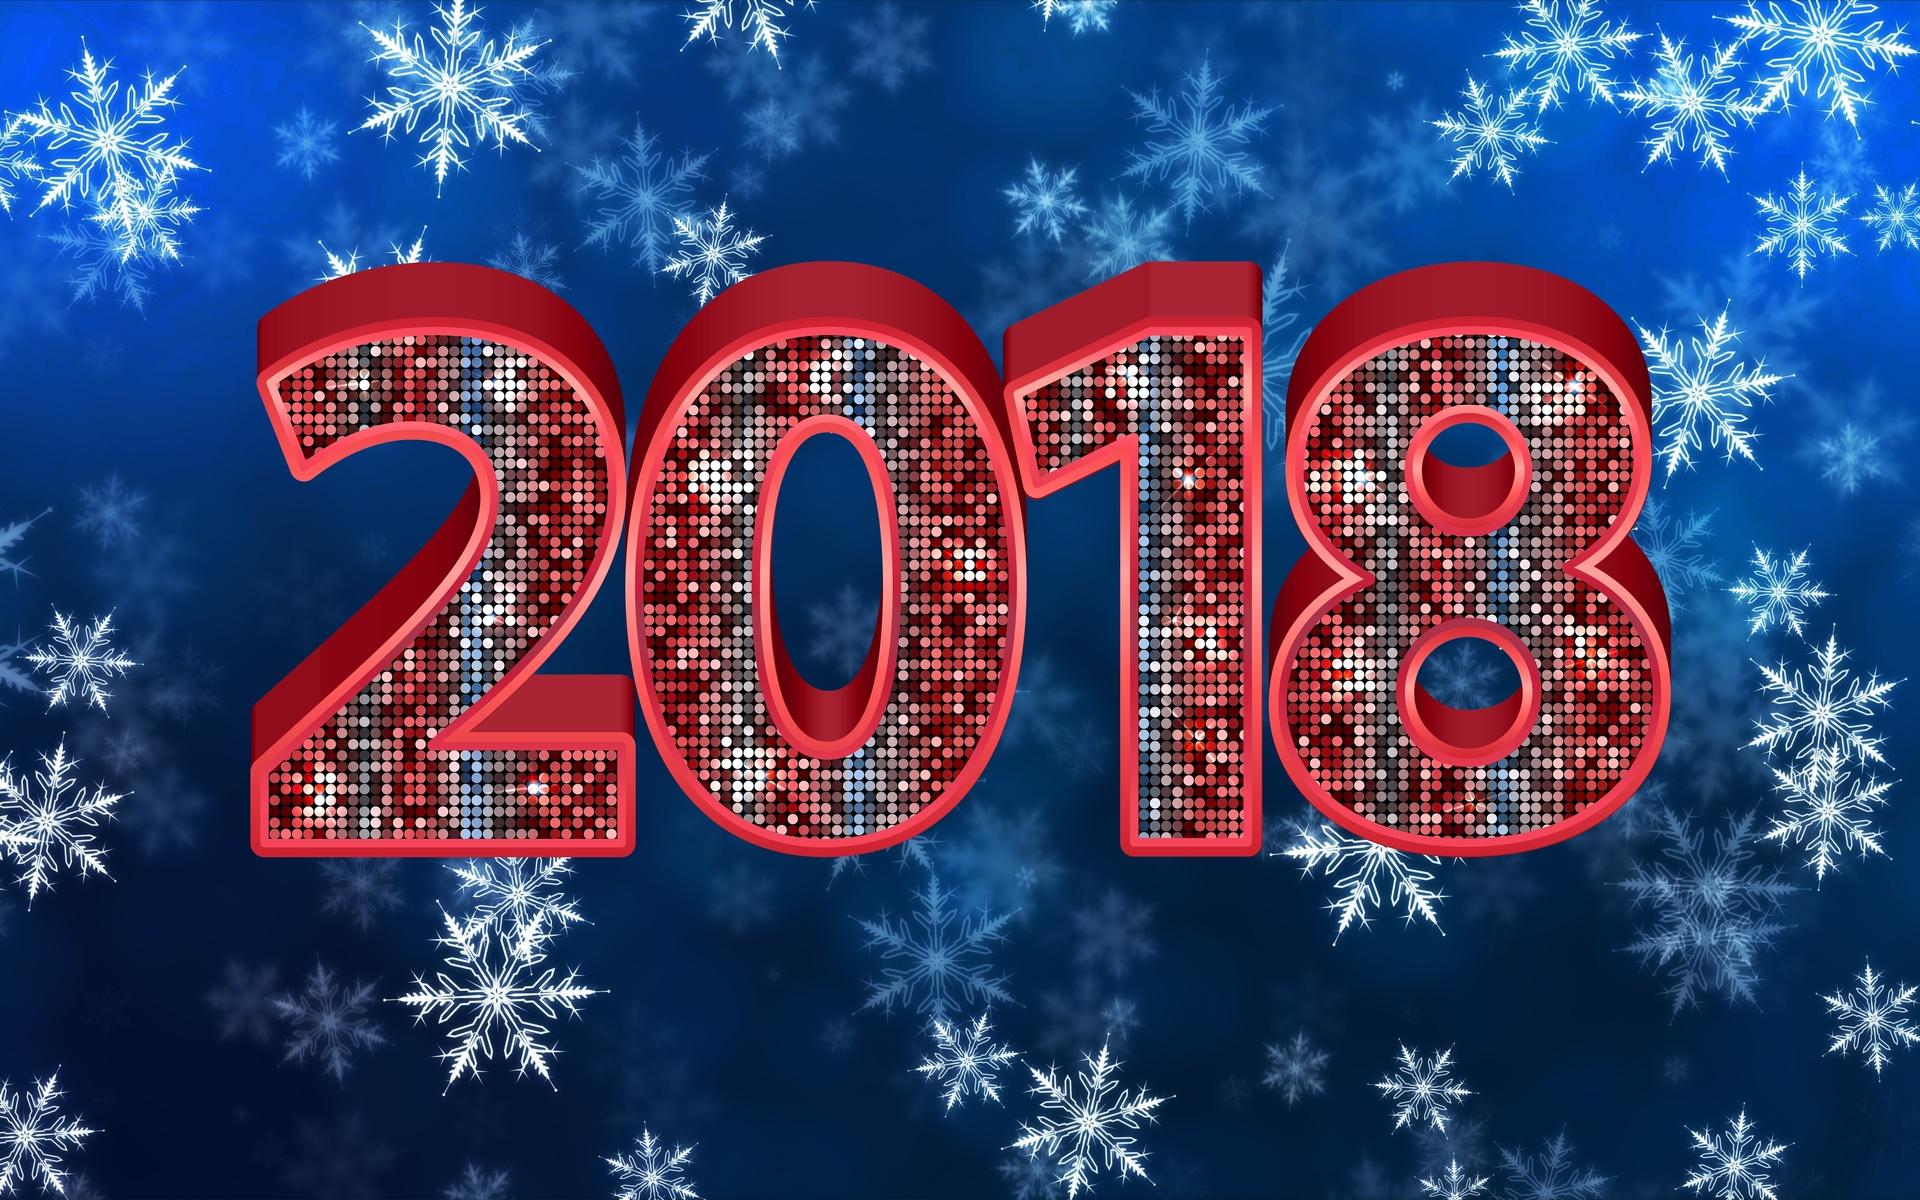 Картинки символа нового года 2018 на рабочий стол, открытки